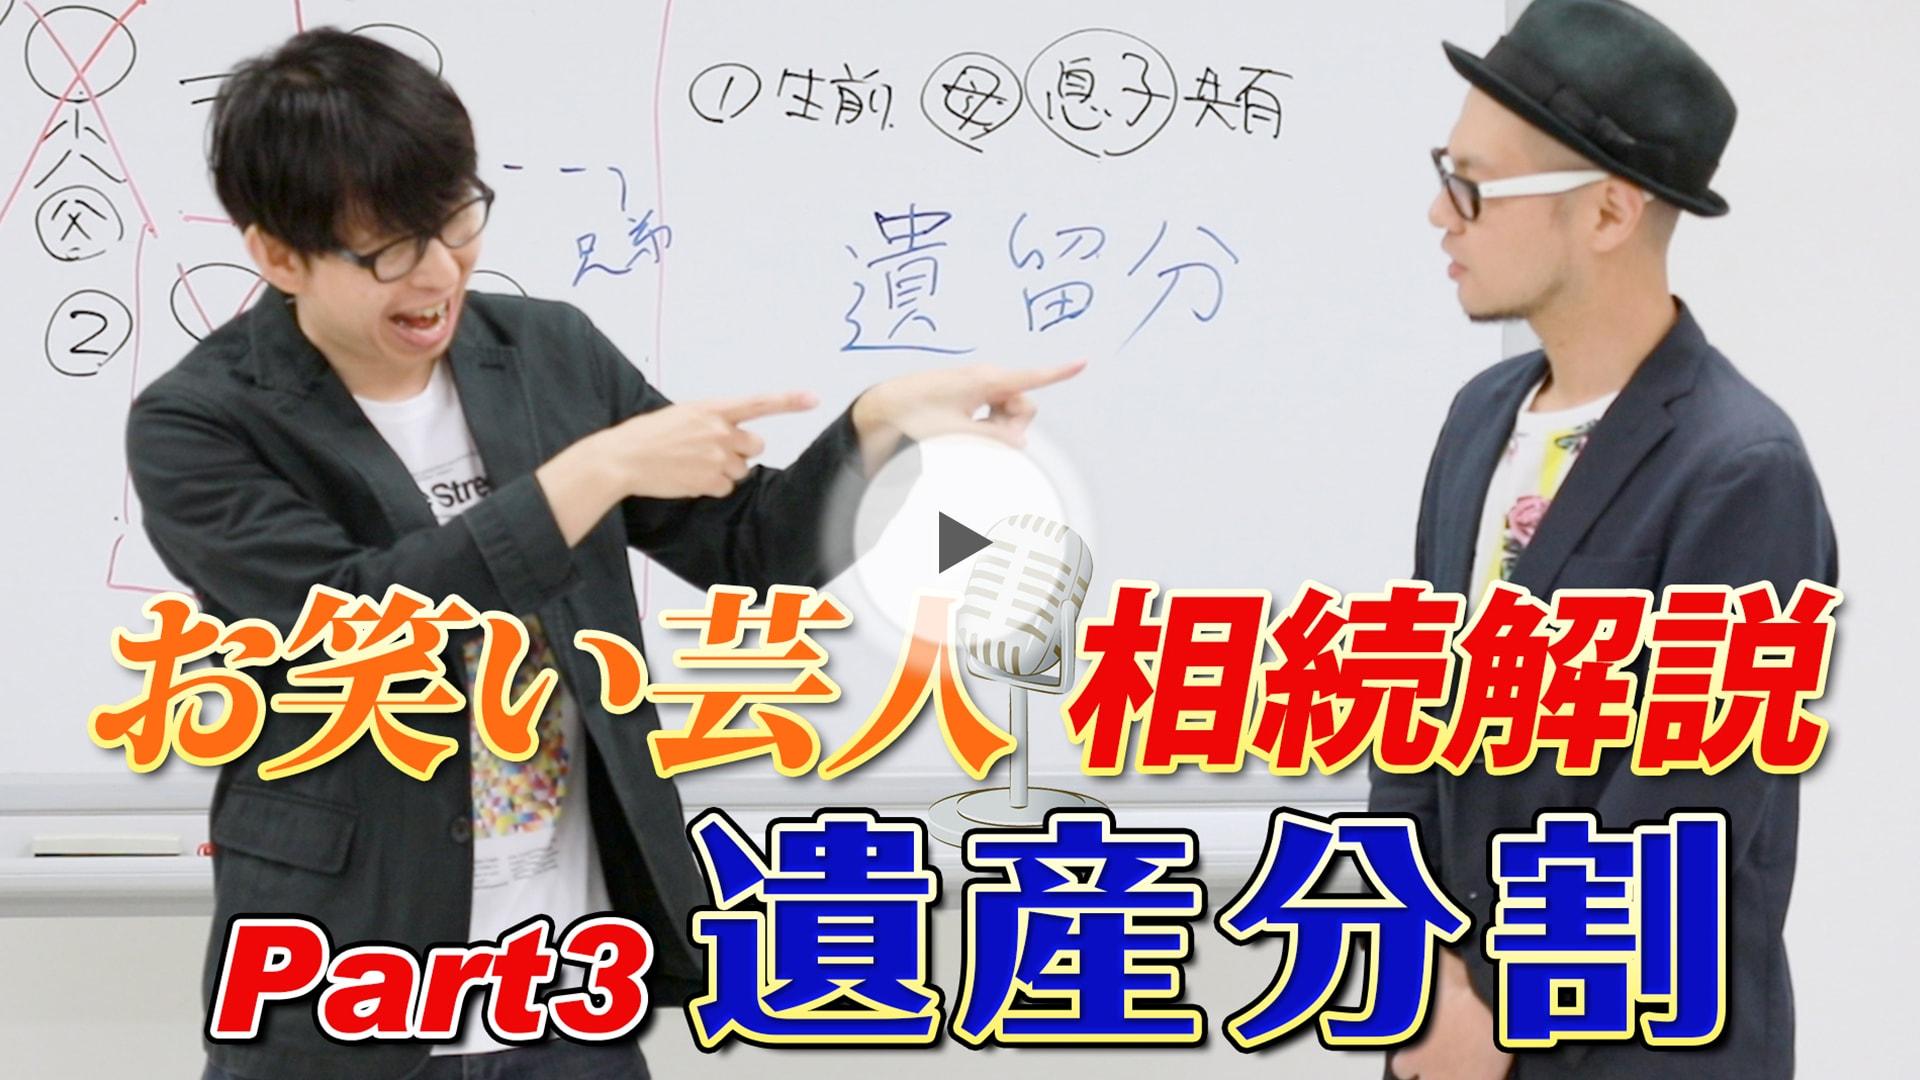 【お笑い芸人・相続解説】③遺産分割